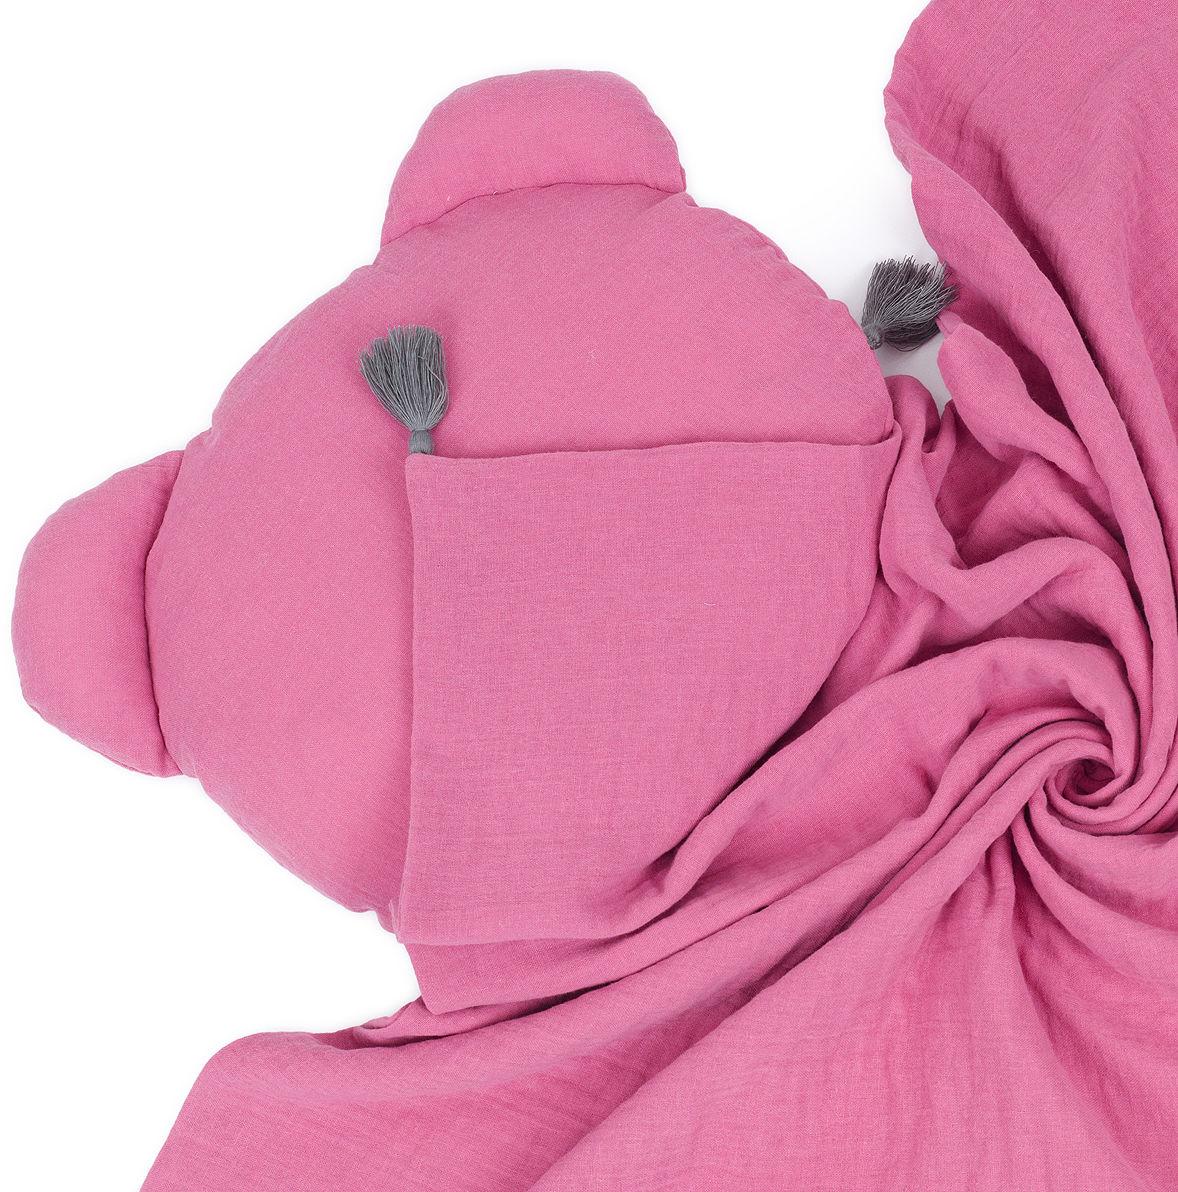 MAMO-TATO Komplet kocyk muślinowy + poduszka MIŚ Double Gauze dla dzieci i niemowląt z chwostami - Turmalin